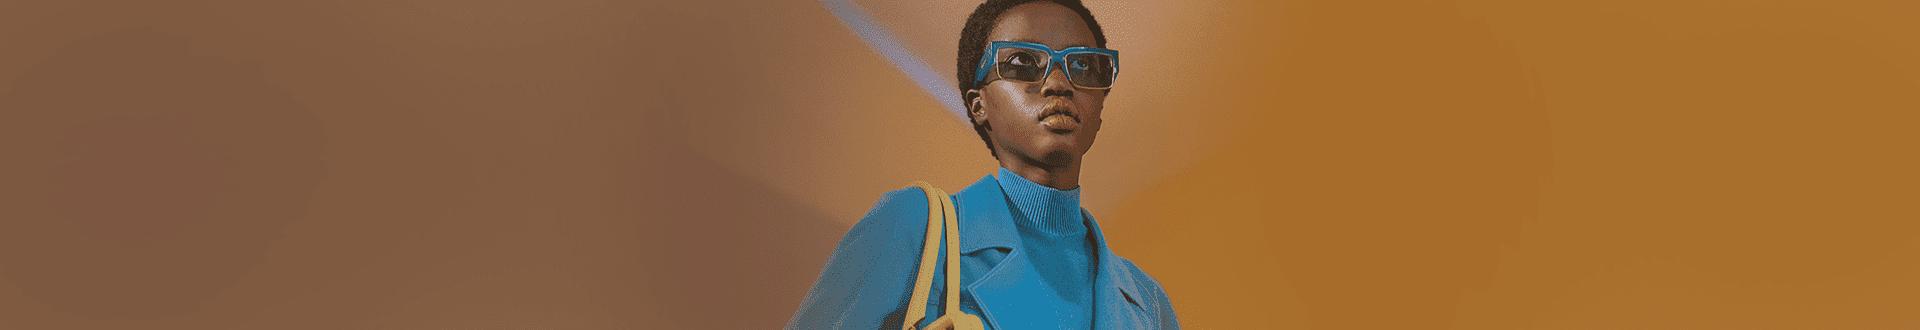 Mulher negra usando armação de óculos Salvatore Ferragamo quadrado com detalhes azuis